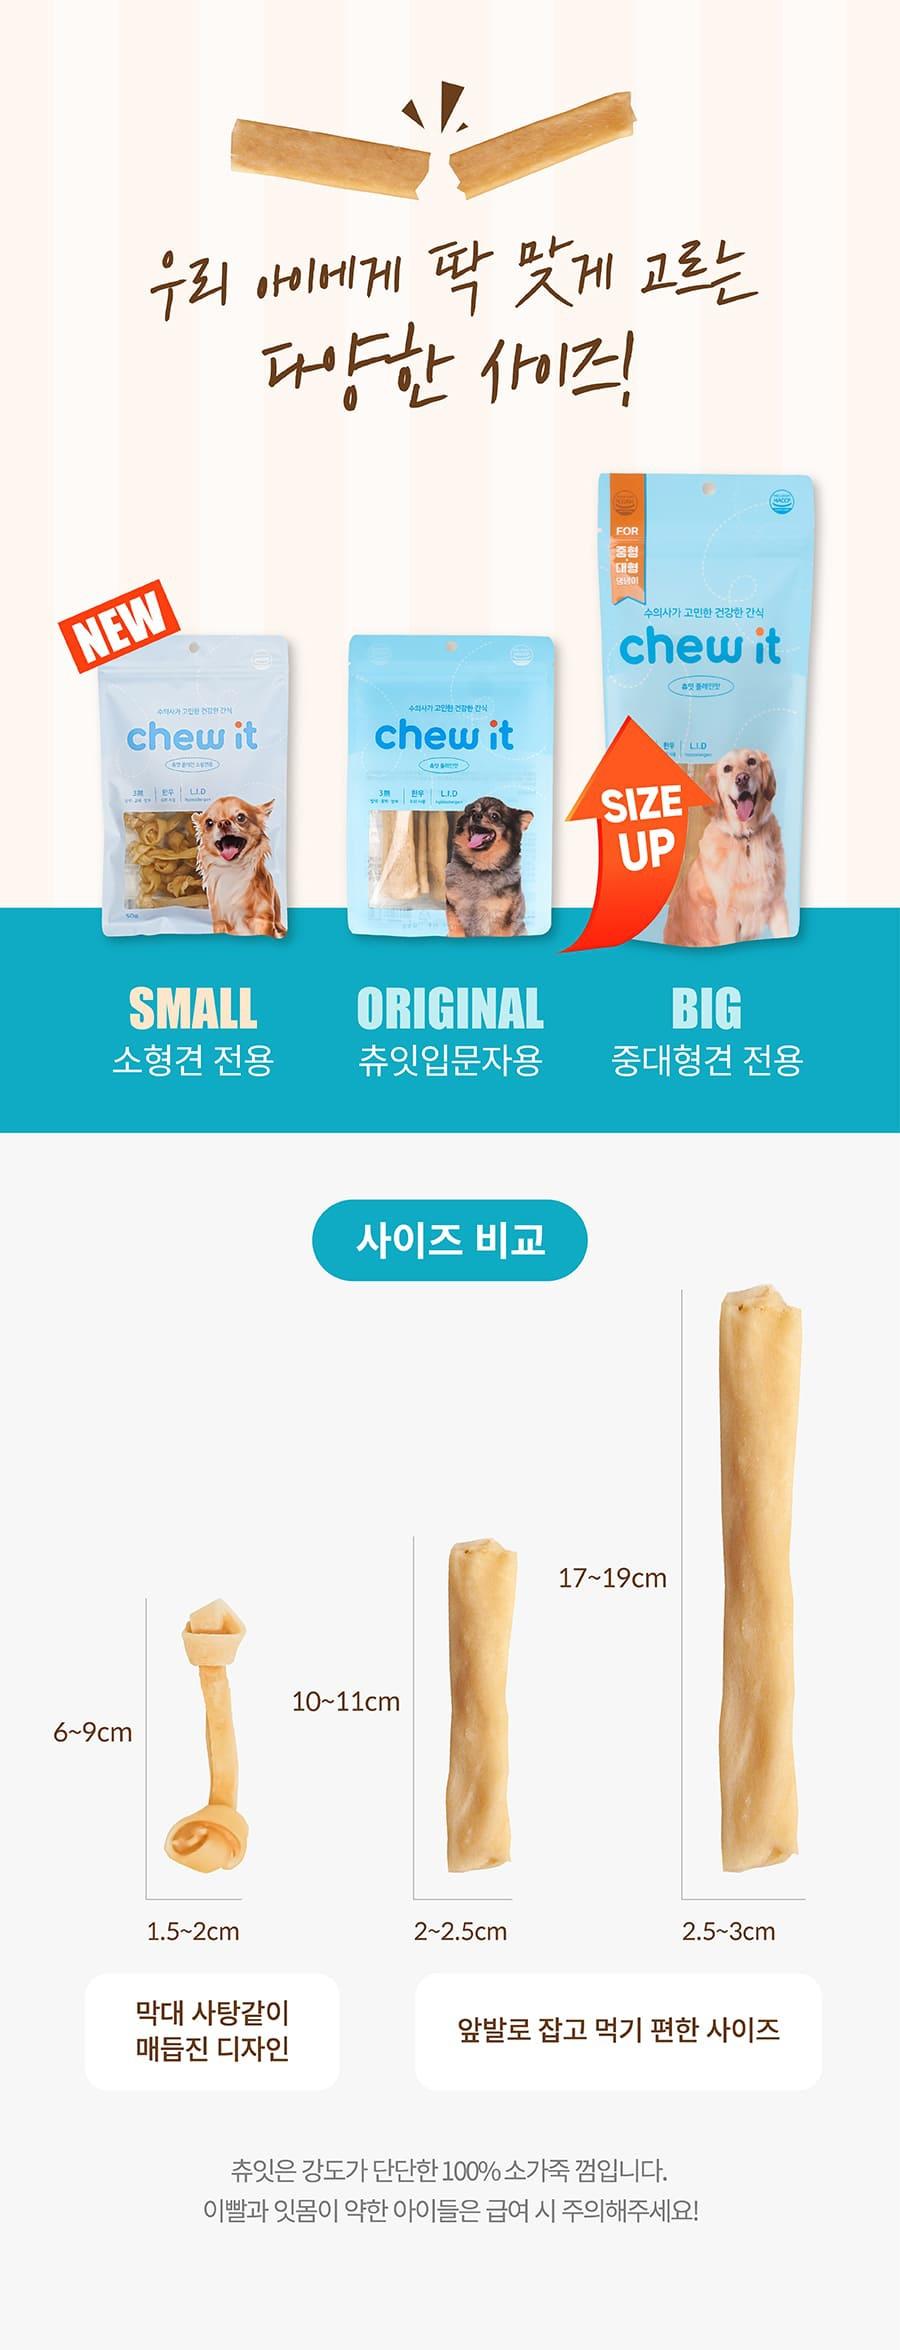 [오구오구특가]it 츄잇 산양유 (3개세트)-상품이미지-0